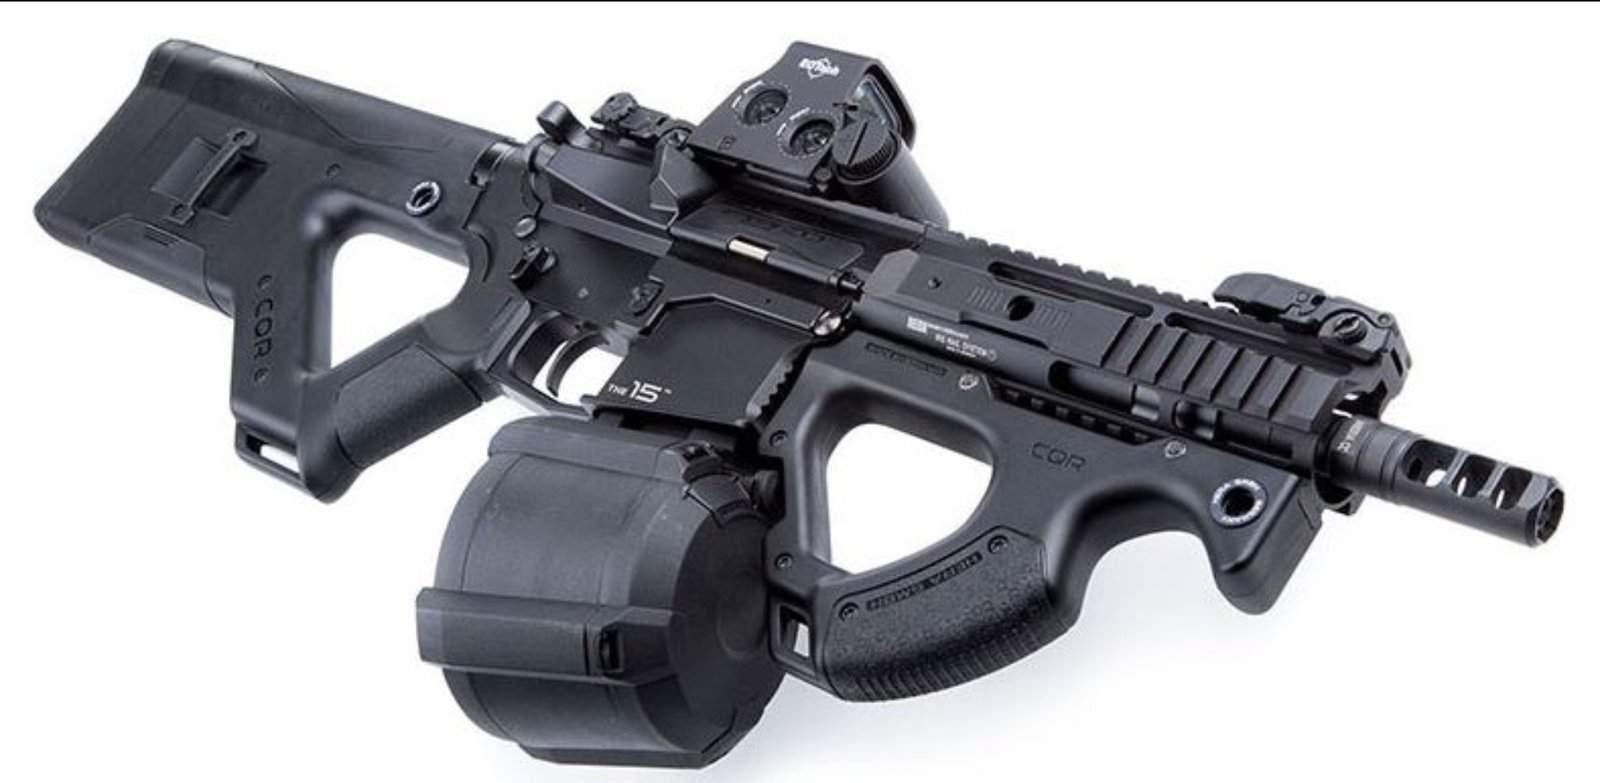 ar15 thumbhole stocks northwest firearms oregon washington and